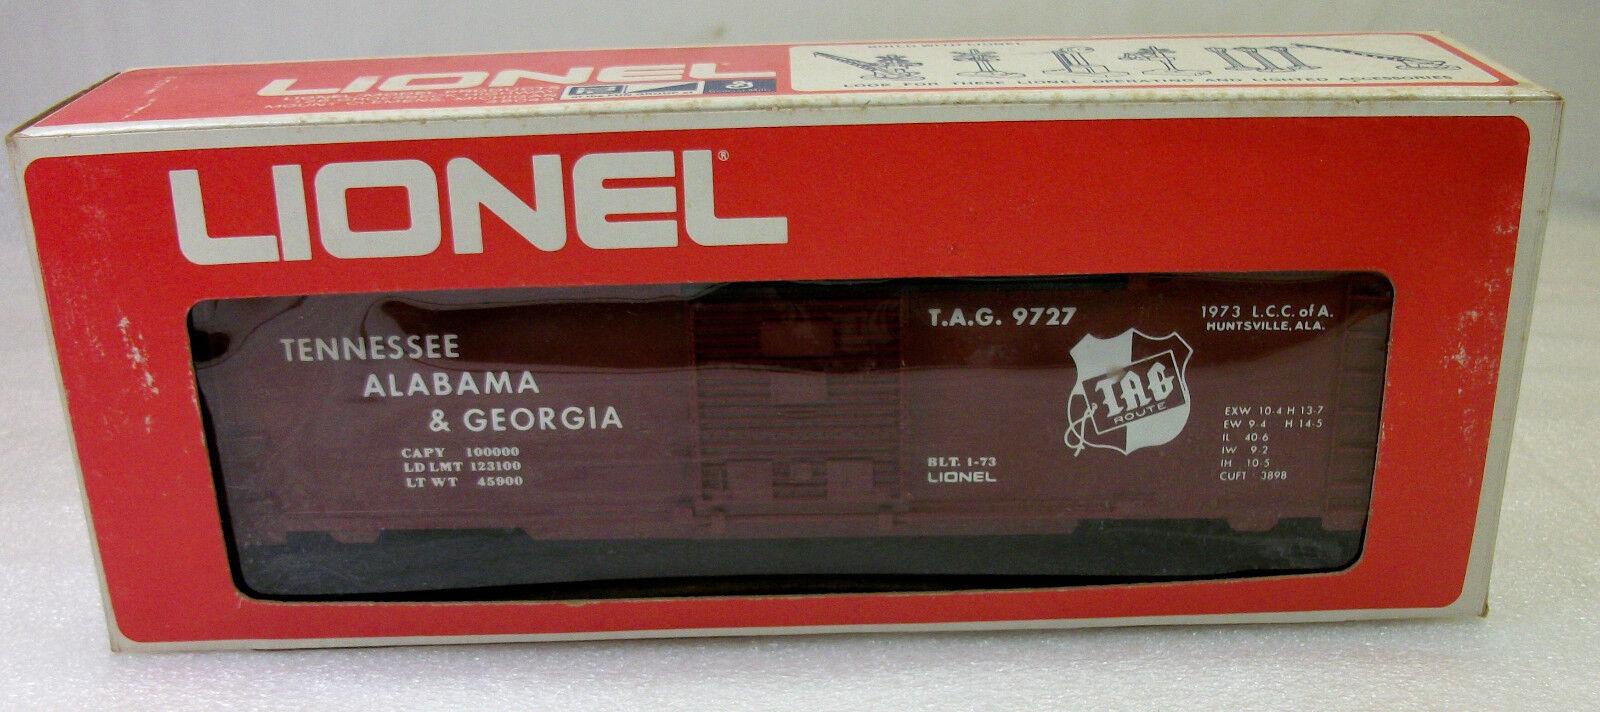 LIONEL  9727 T.A. & G 1973 LCCA CONVENTION scatola auto UNcorrere C9 FBN IN ORIGINAL scatola